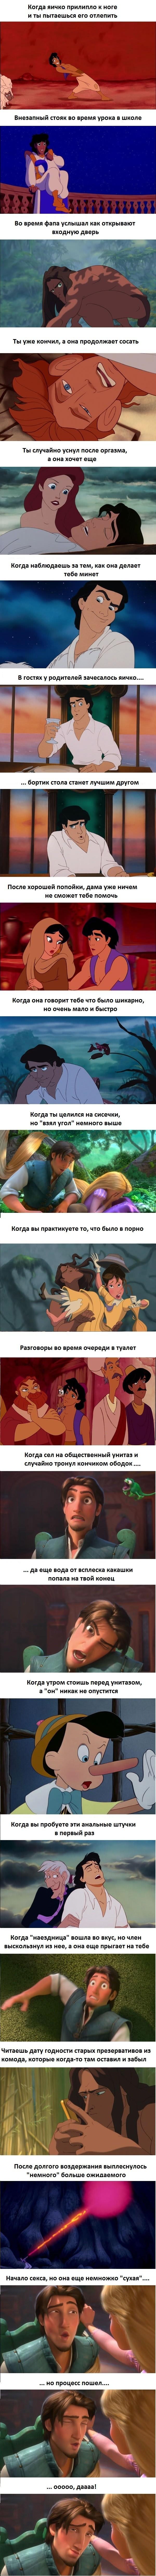 События, с которыми встречаются все, у кого есть член между ног на примере Диснеевских героев. :) мужские проблемы, Дисней, длиннопост